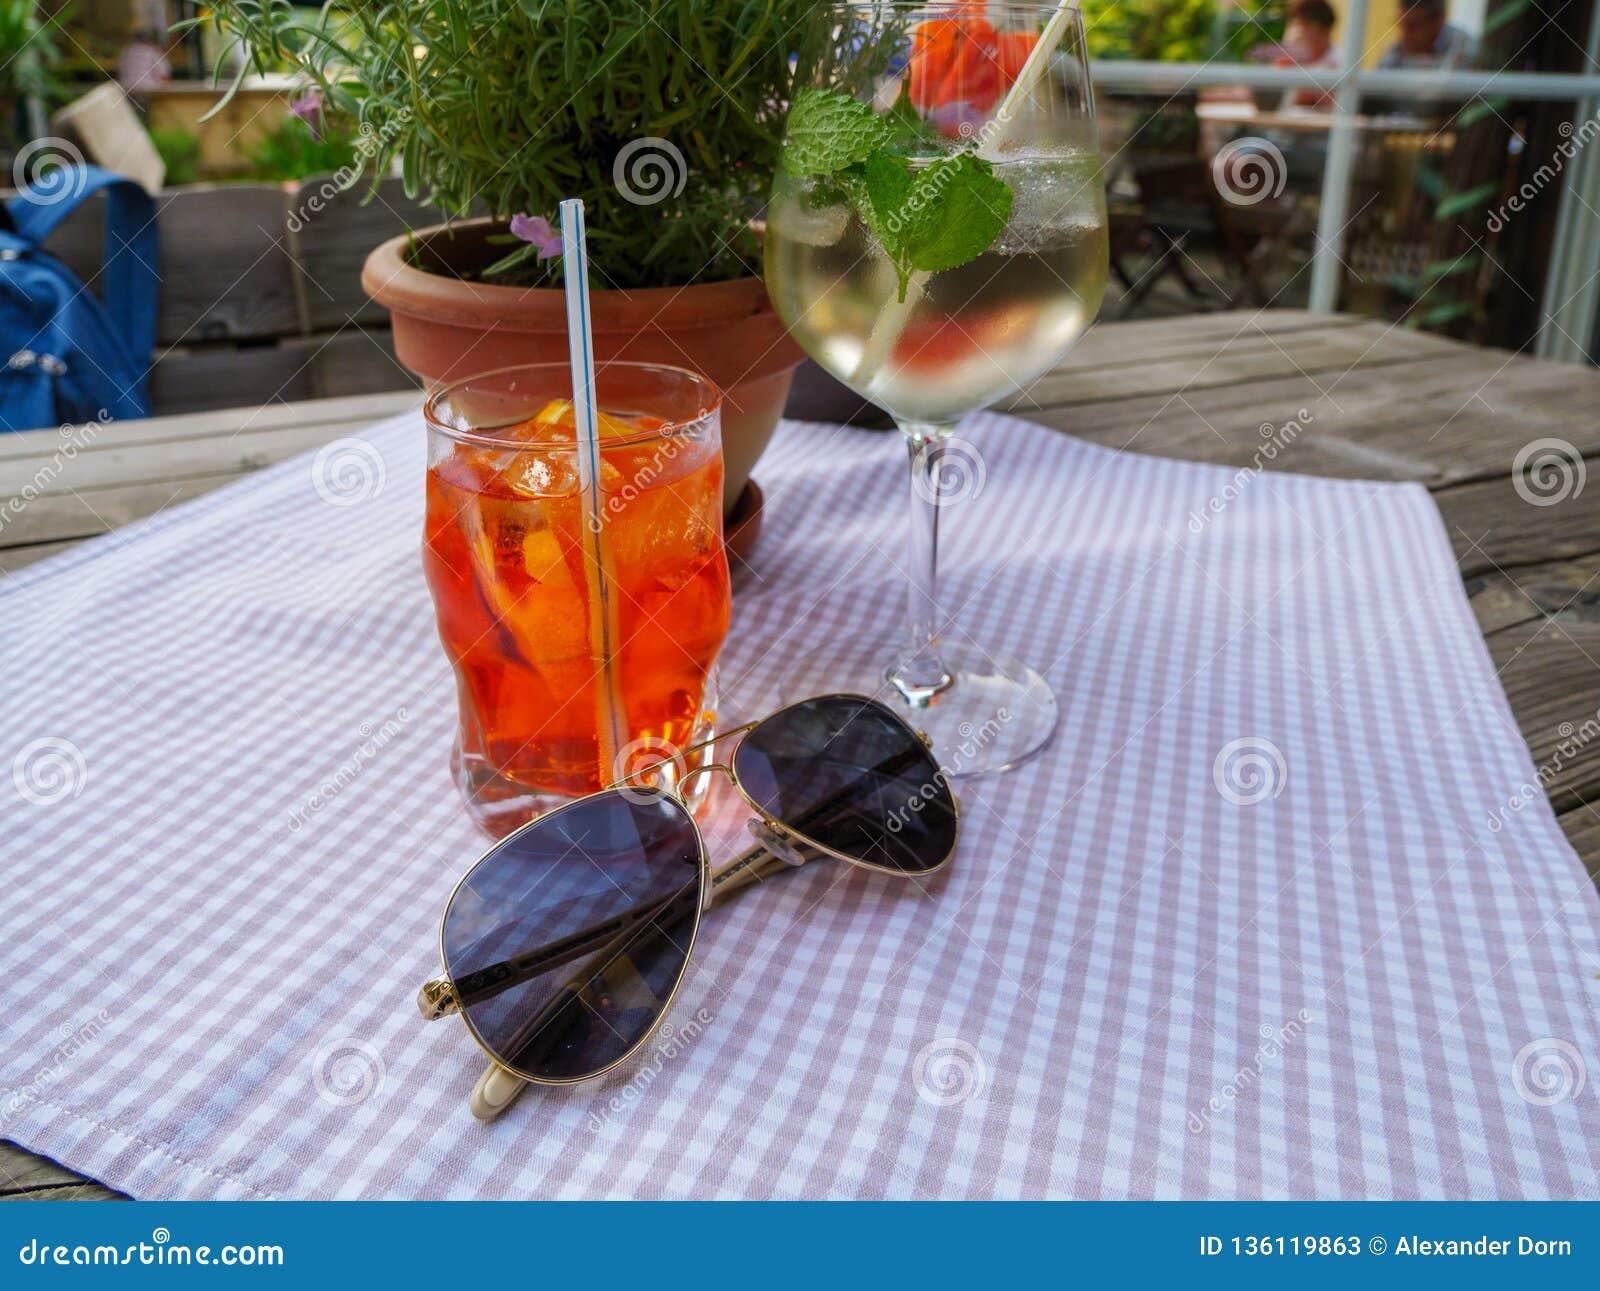 夏天饮料和太阳镜的图象在桌上